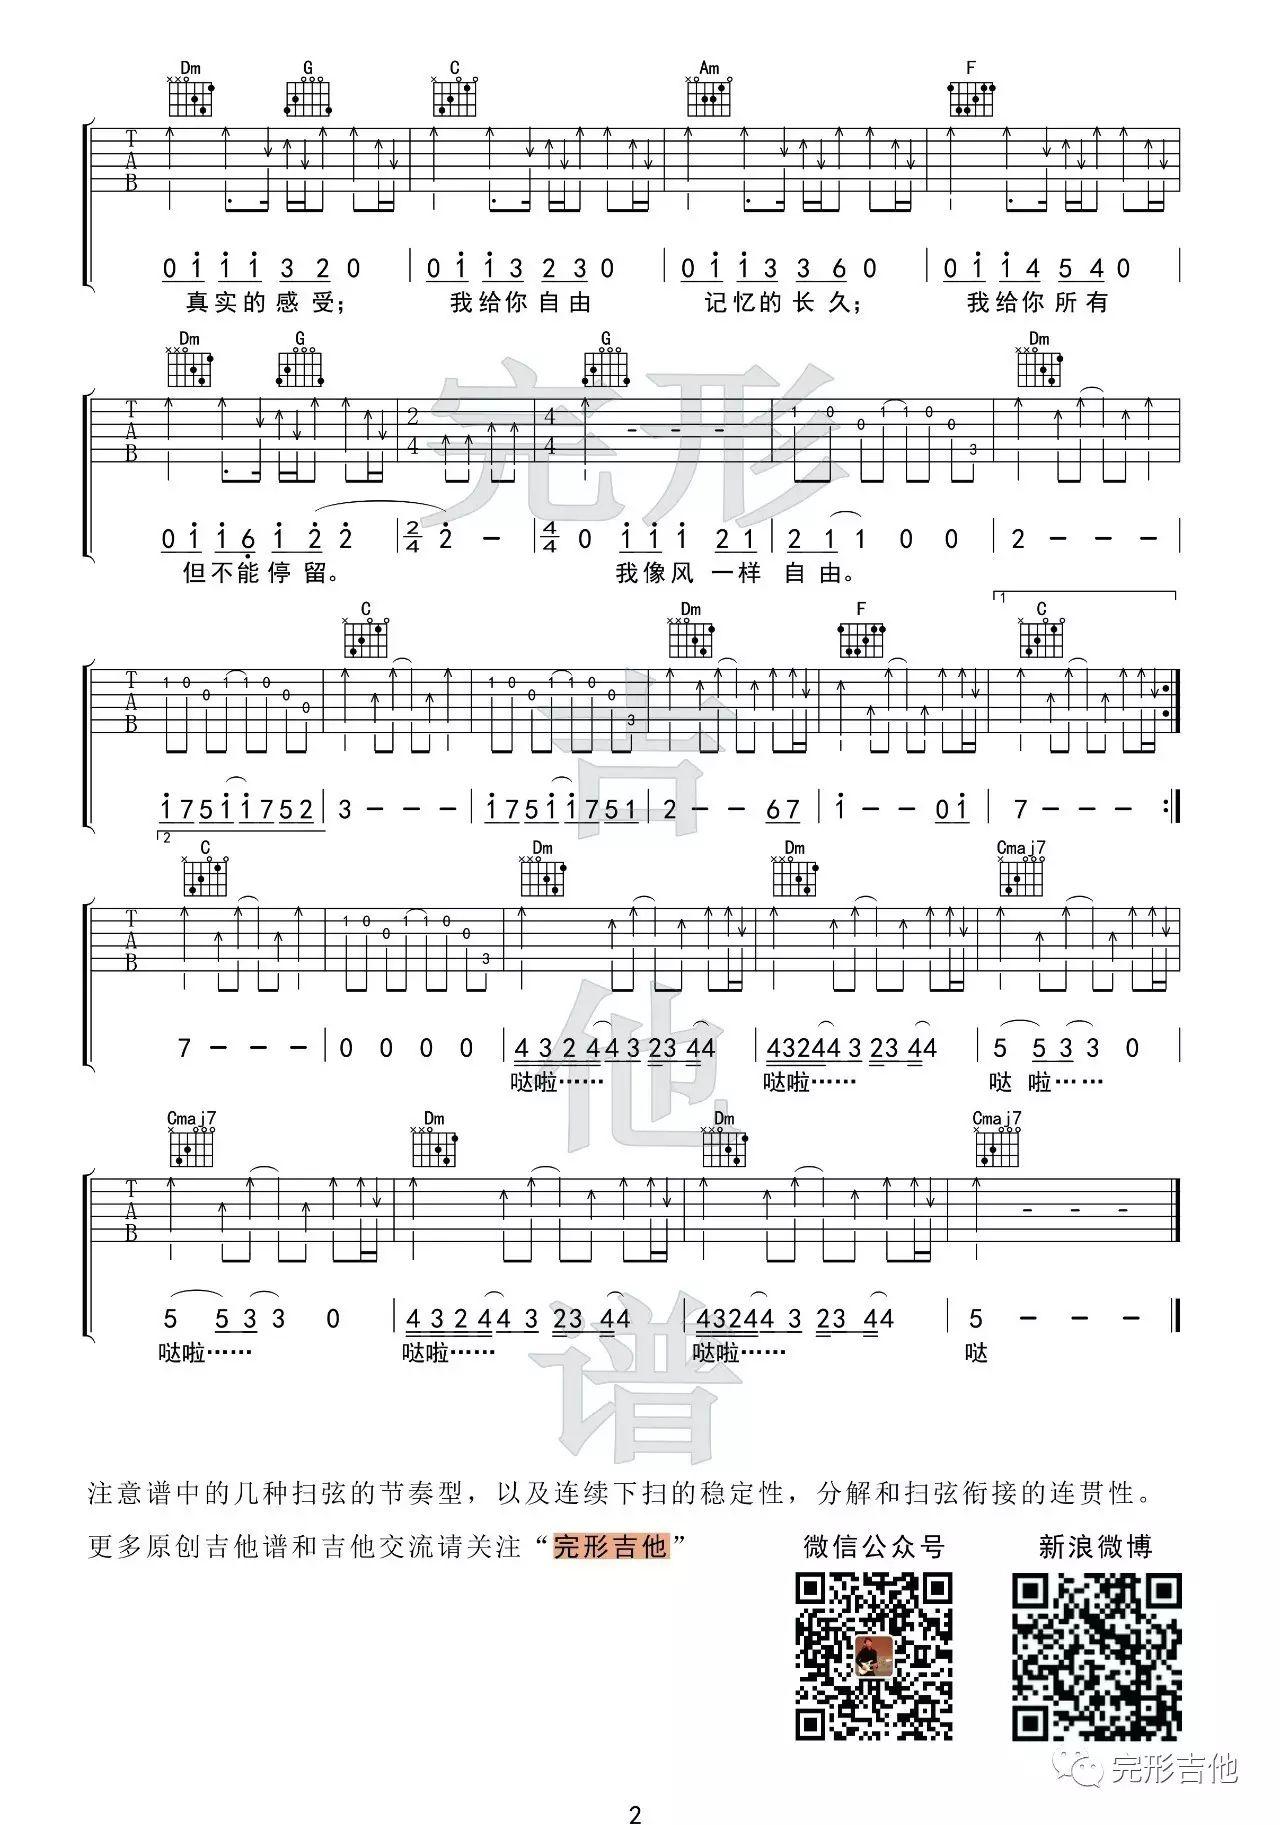 吉他派像风一样自由吉他谱-2